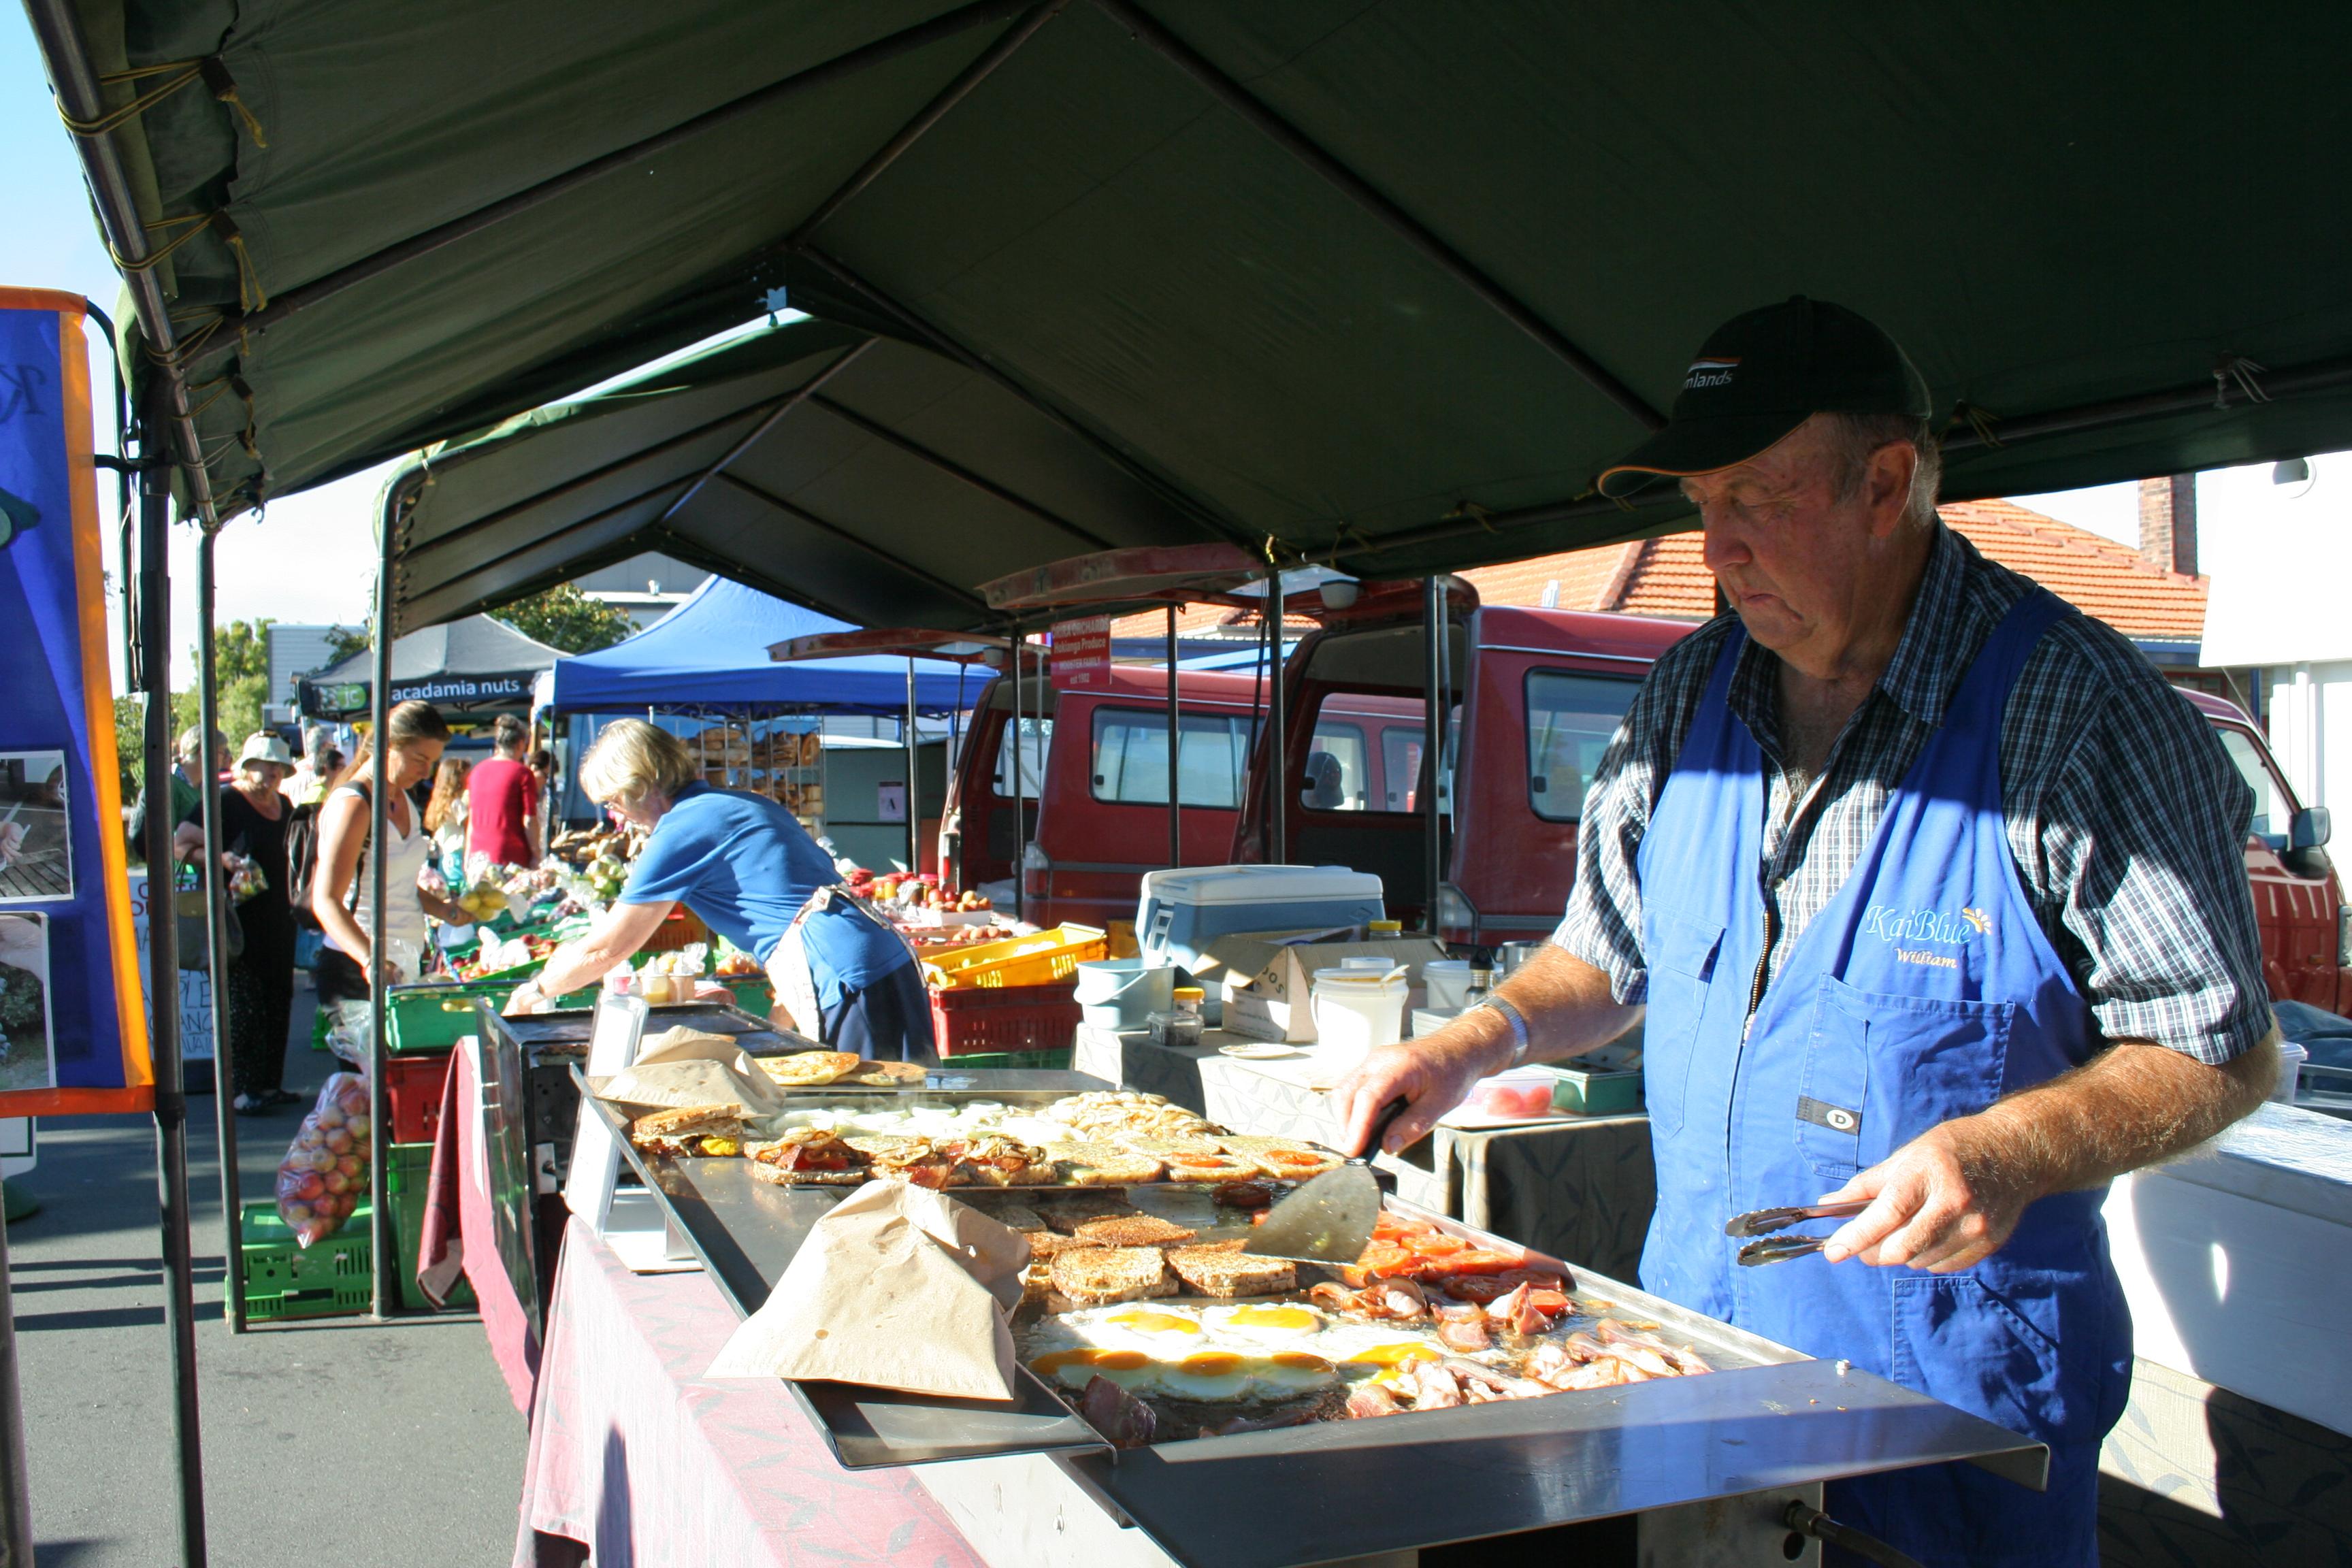 El mercado del agricultor en Kerikei